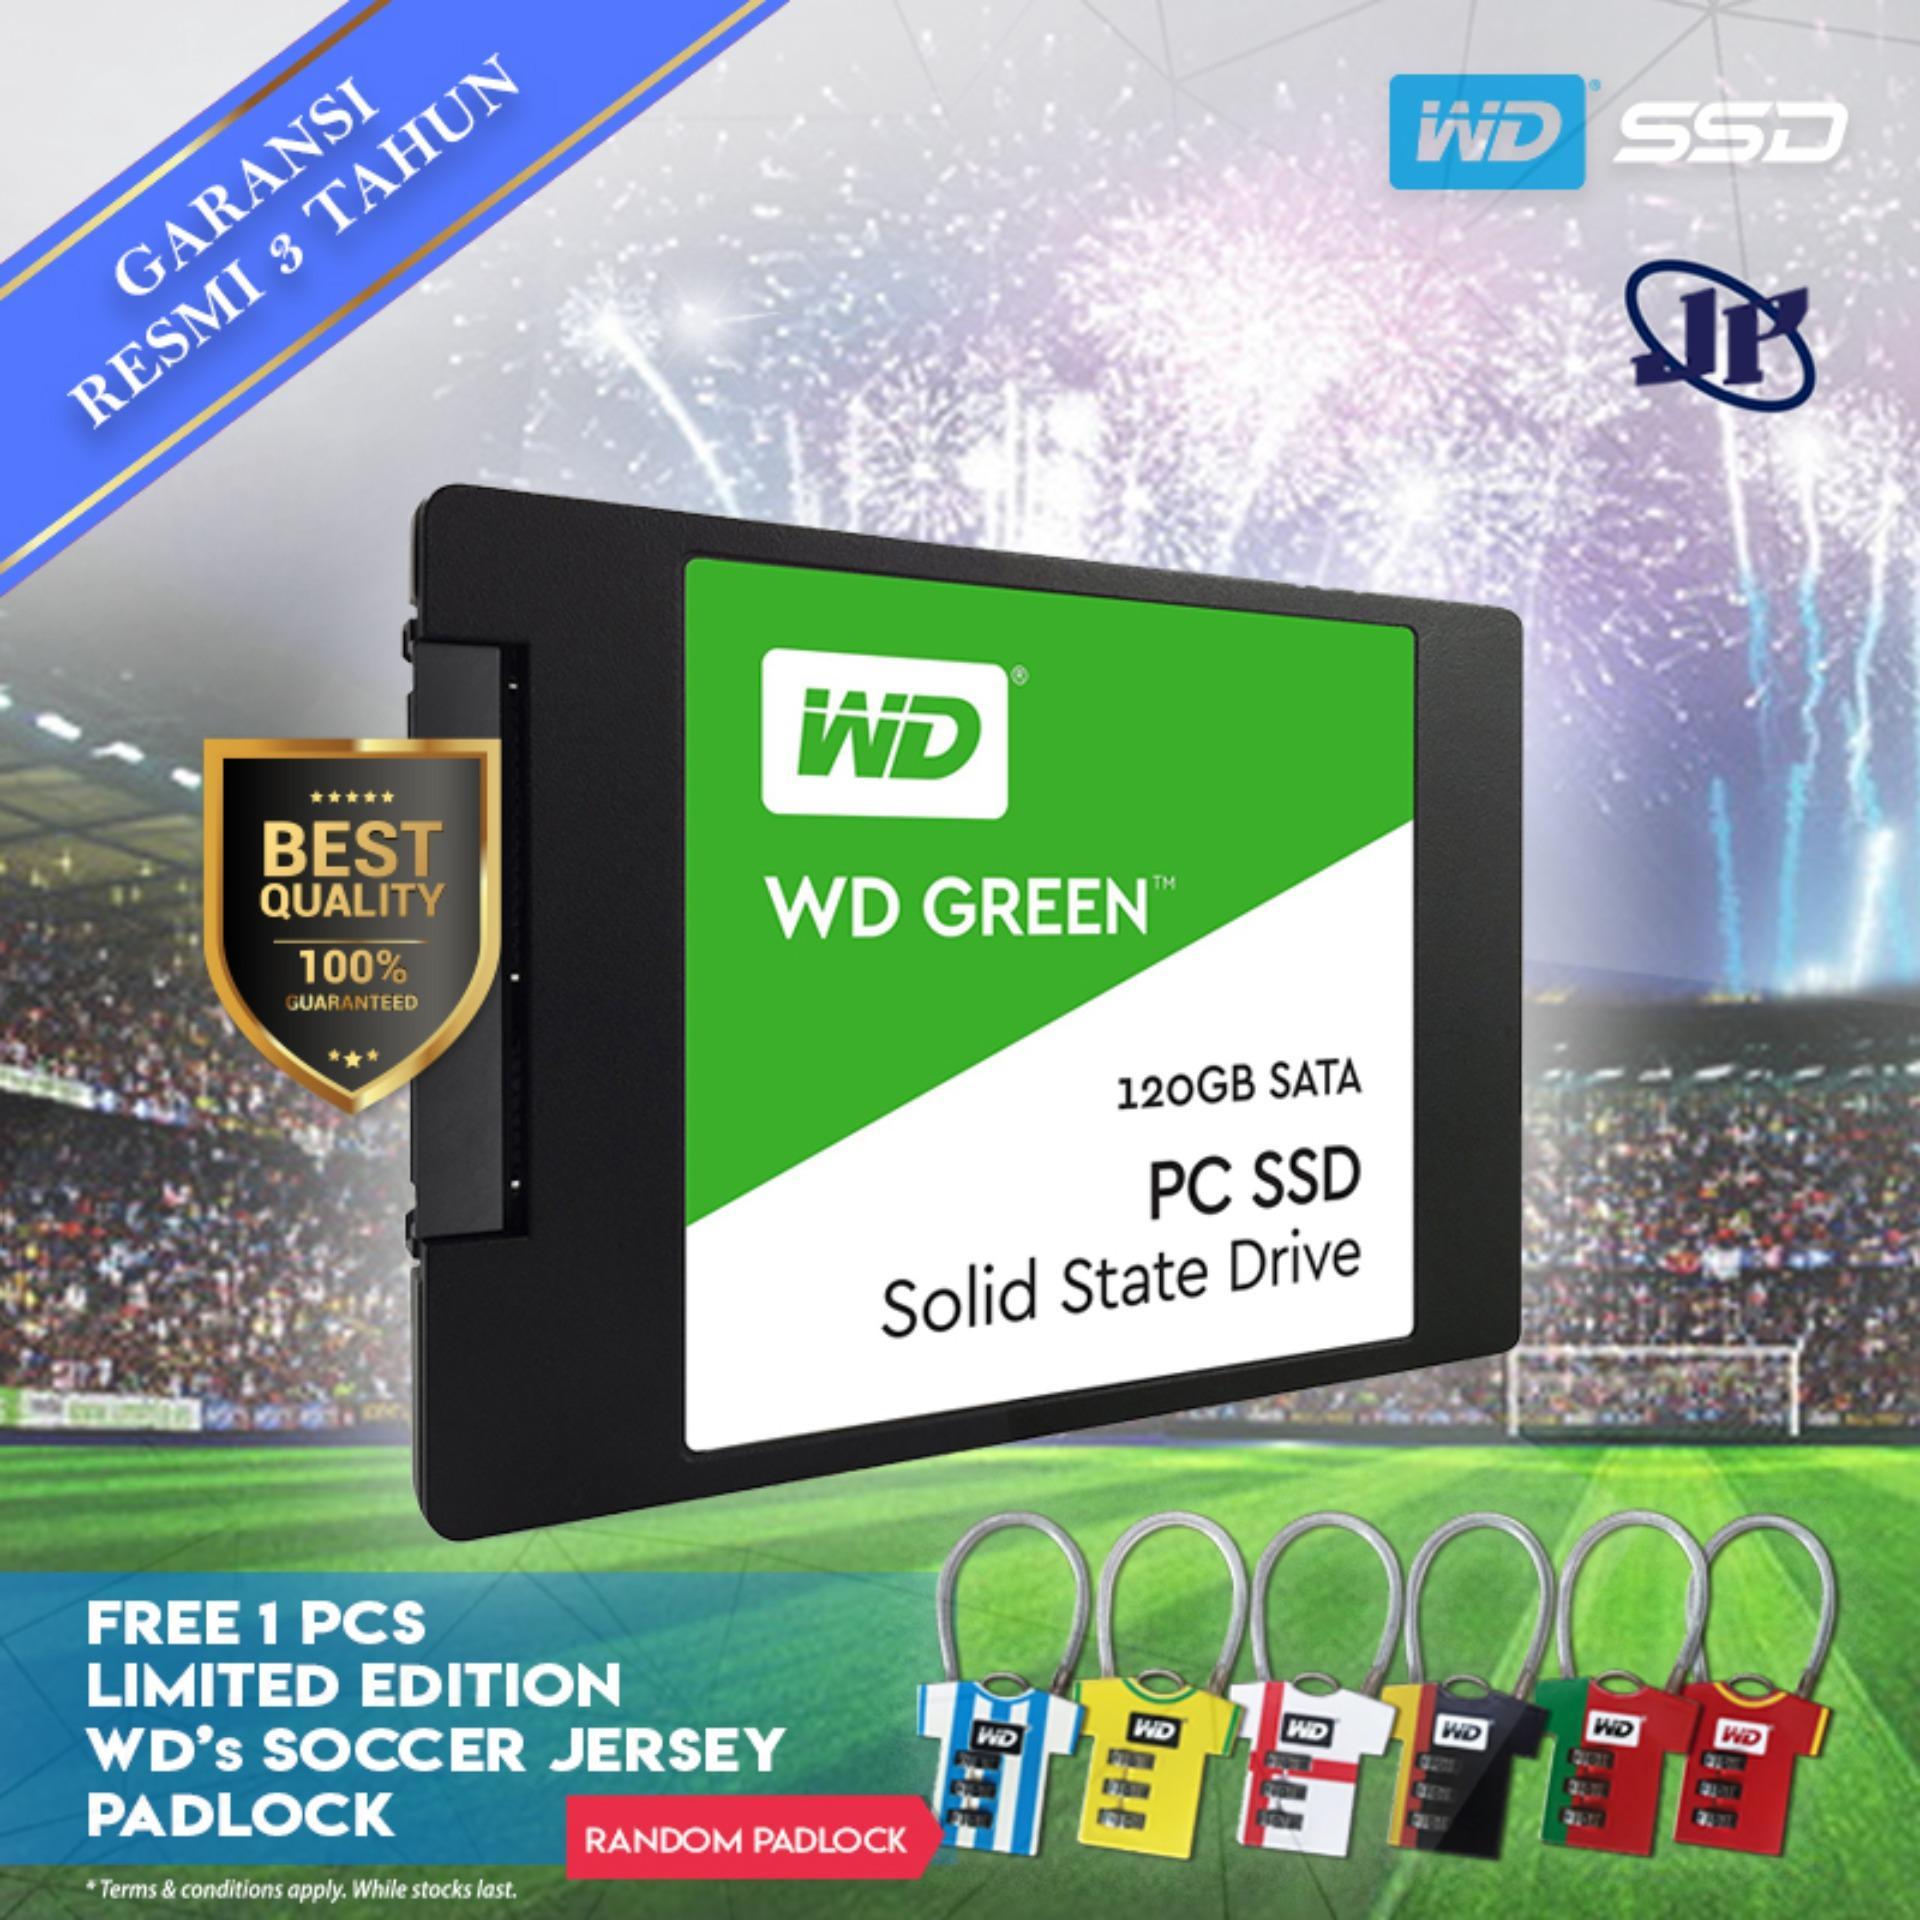 Western Digital WD Green SSD 120GB 2.5